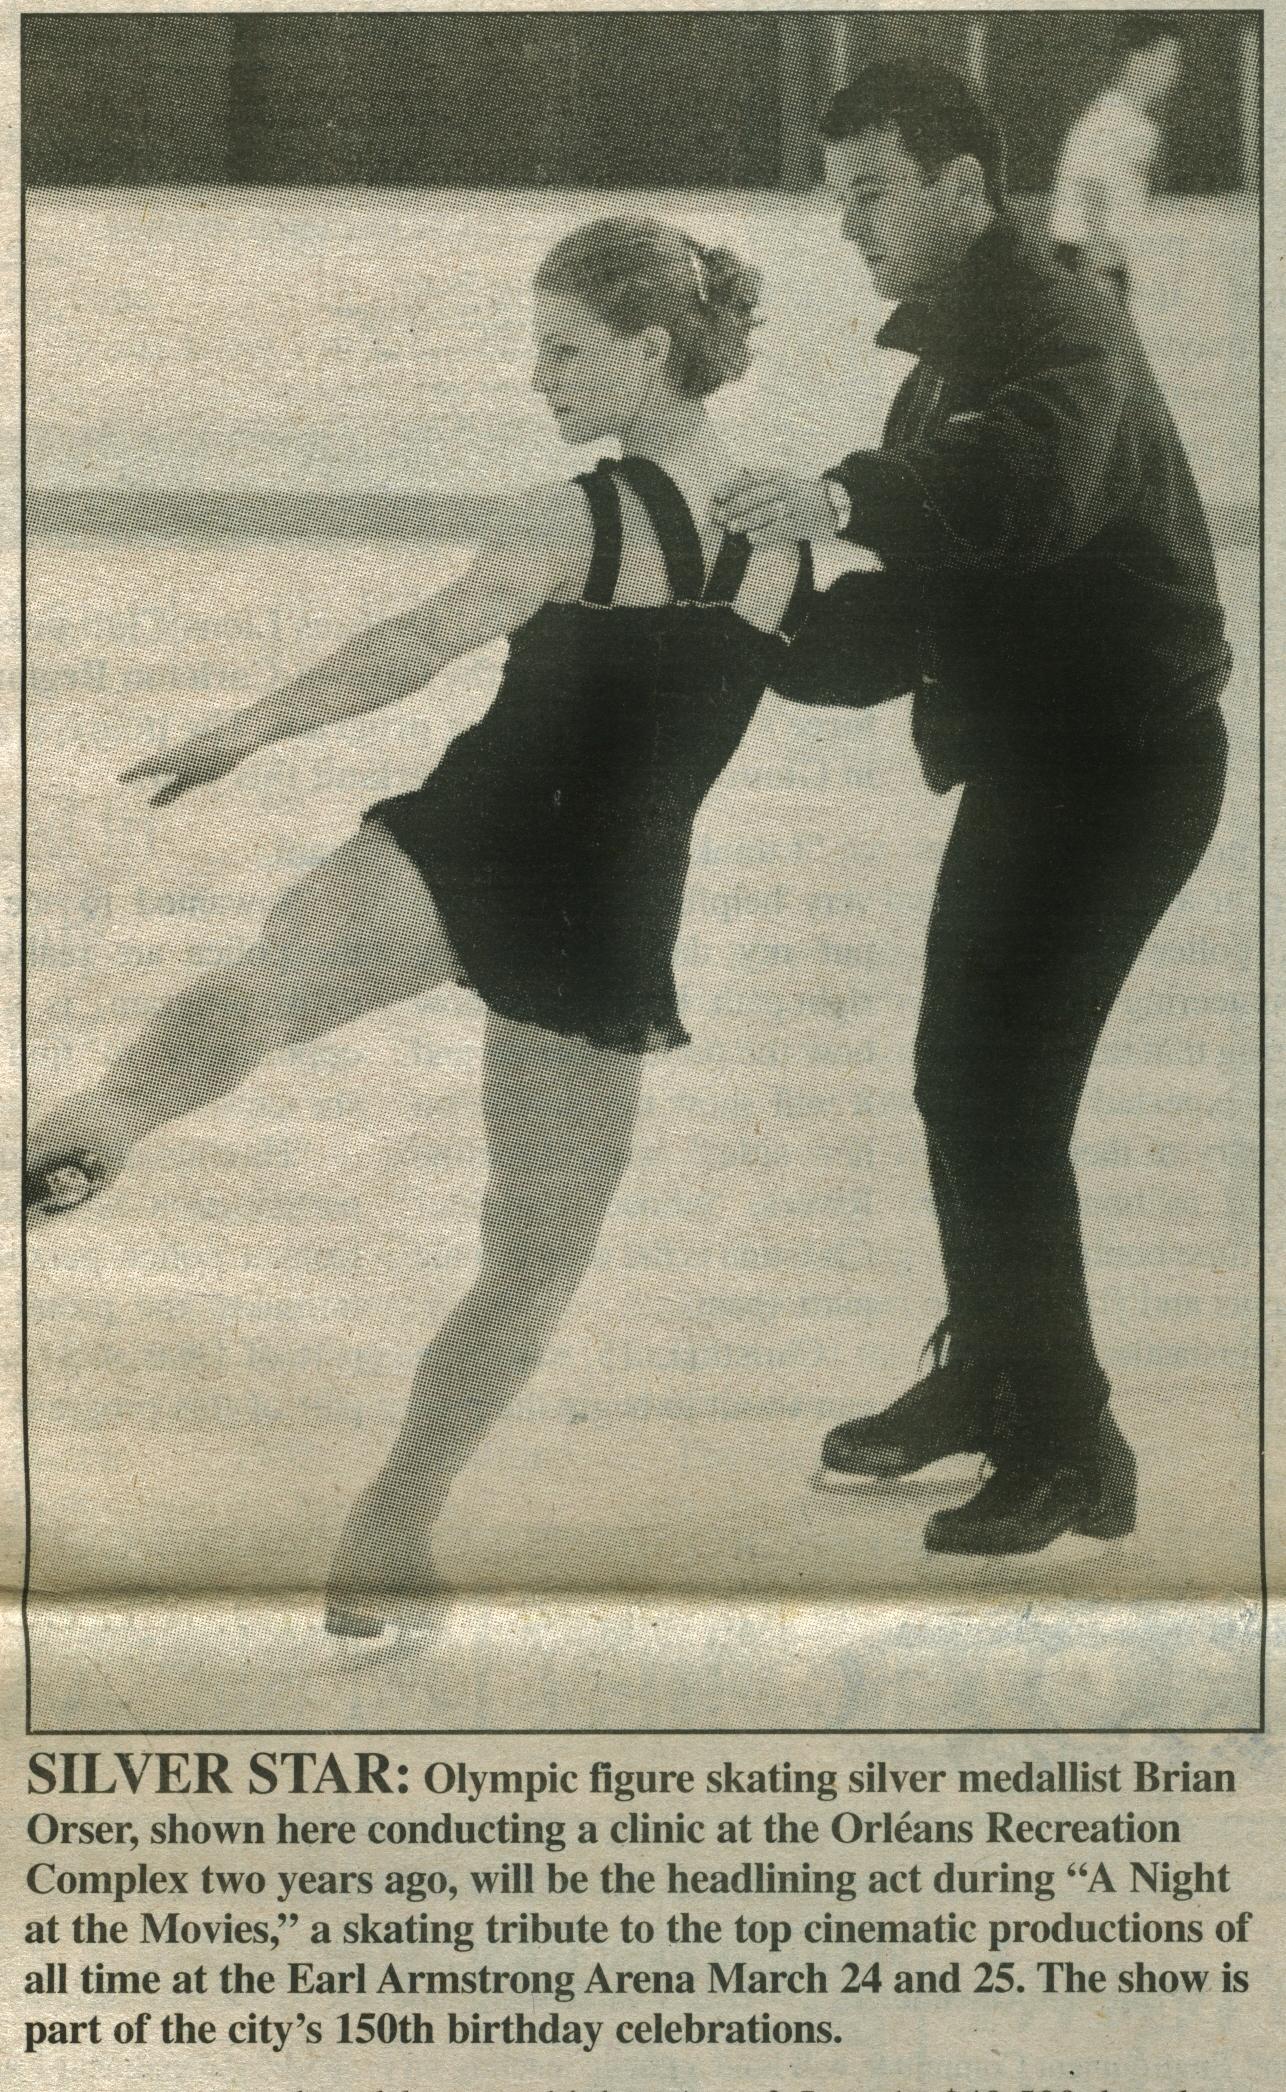 Stefanie Partridge and Brian Orser Feb. 12, 2000